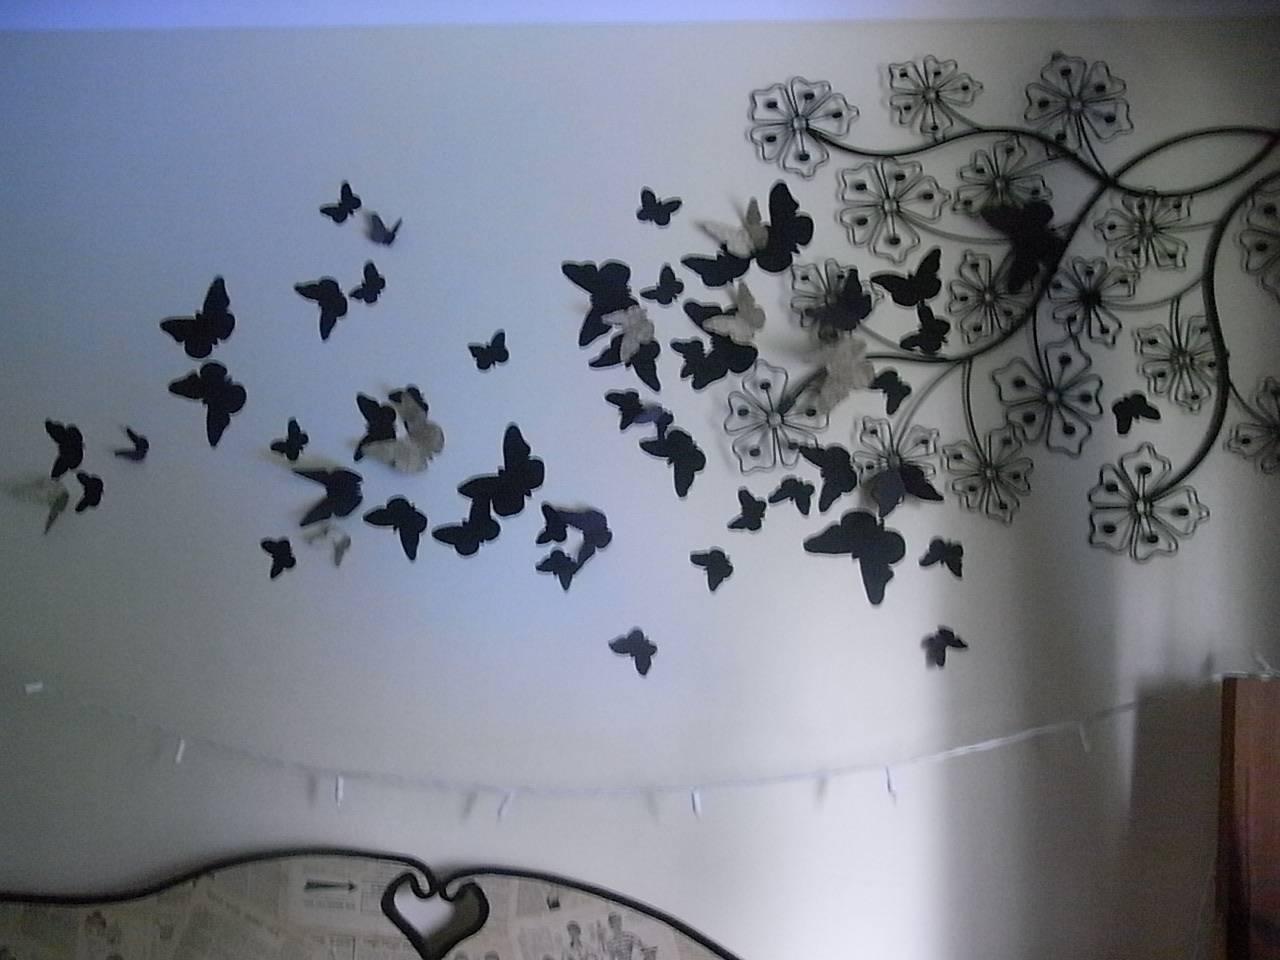 Diy 3D Wall Art Butterflies | Wallartideas Regarding Recent Diy 3D Wall Art Butterflies (View 10 of 20)